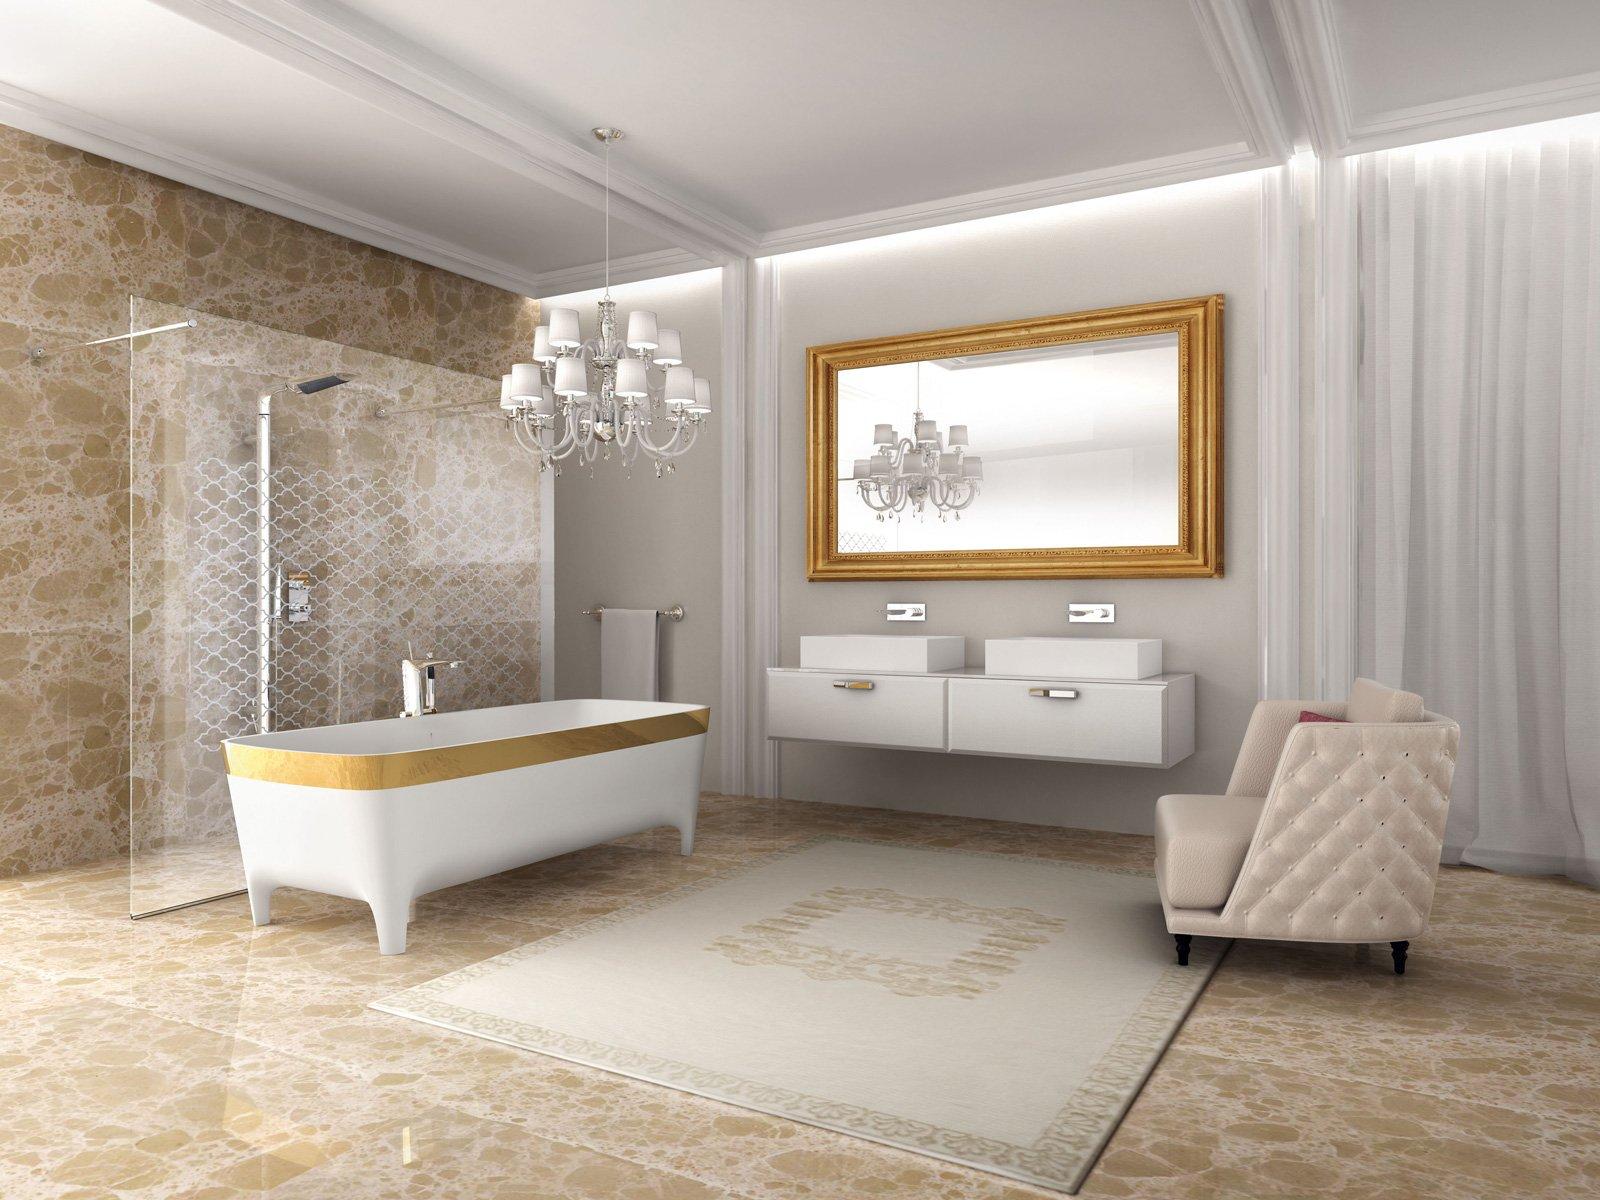 Specchi sopra il lavabo cose di casa for Sala da bagno design